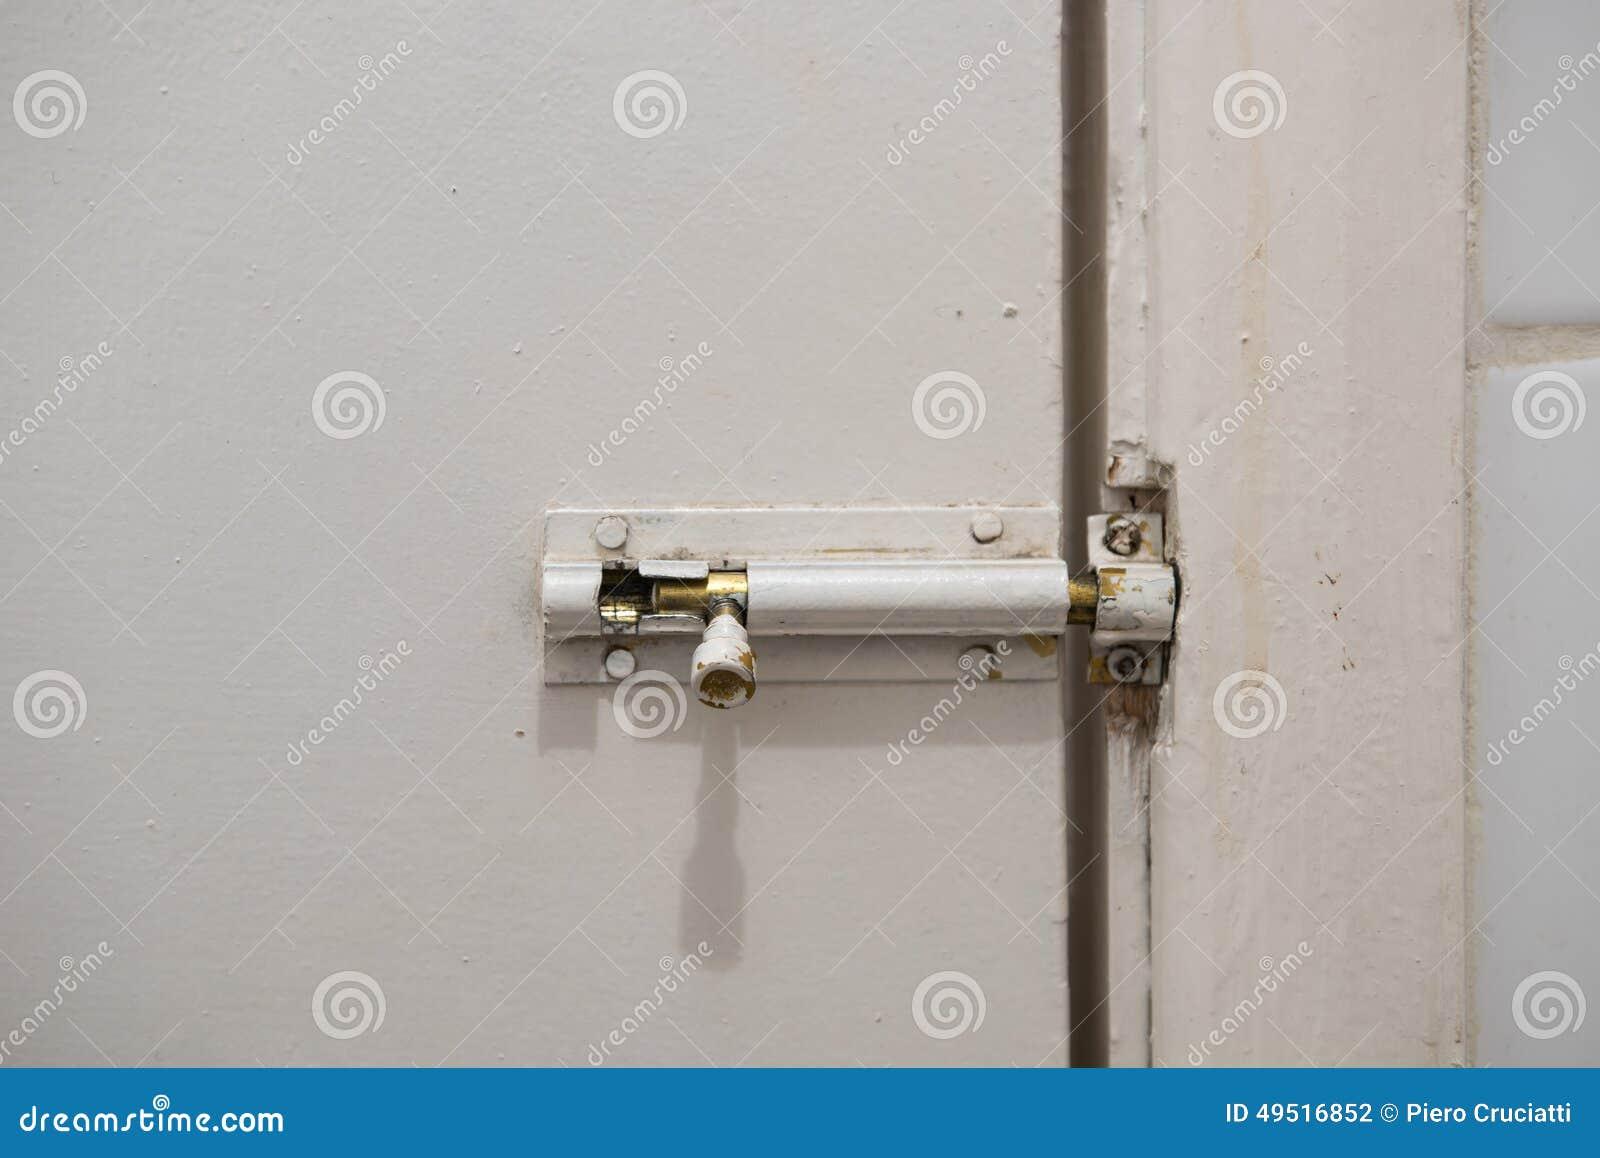 Door Slide Lock Womenofpowerfo